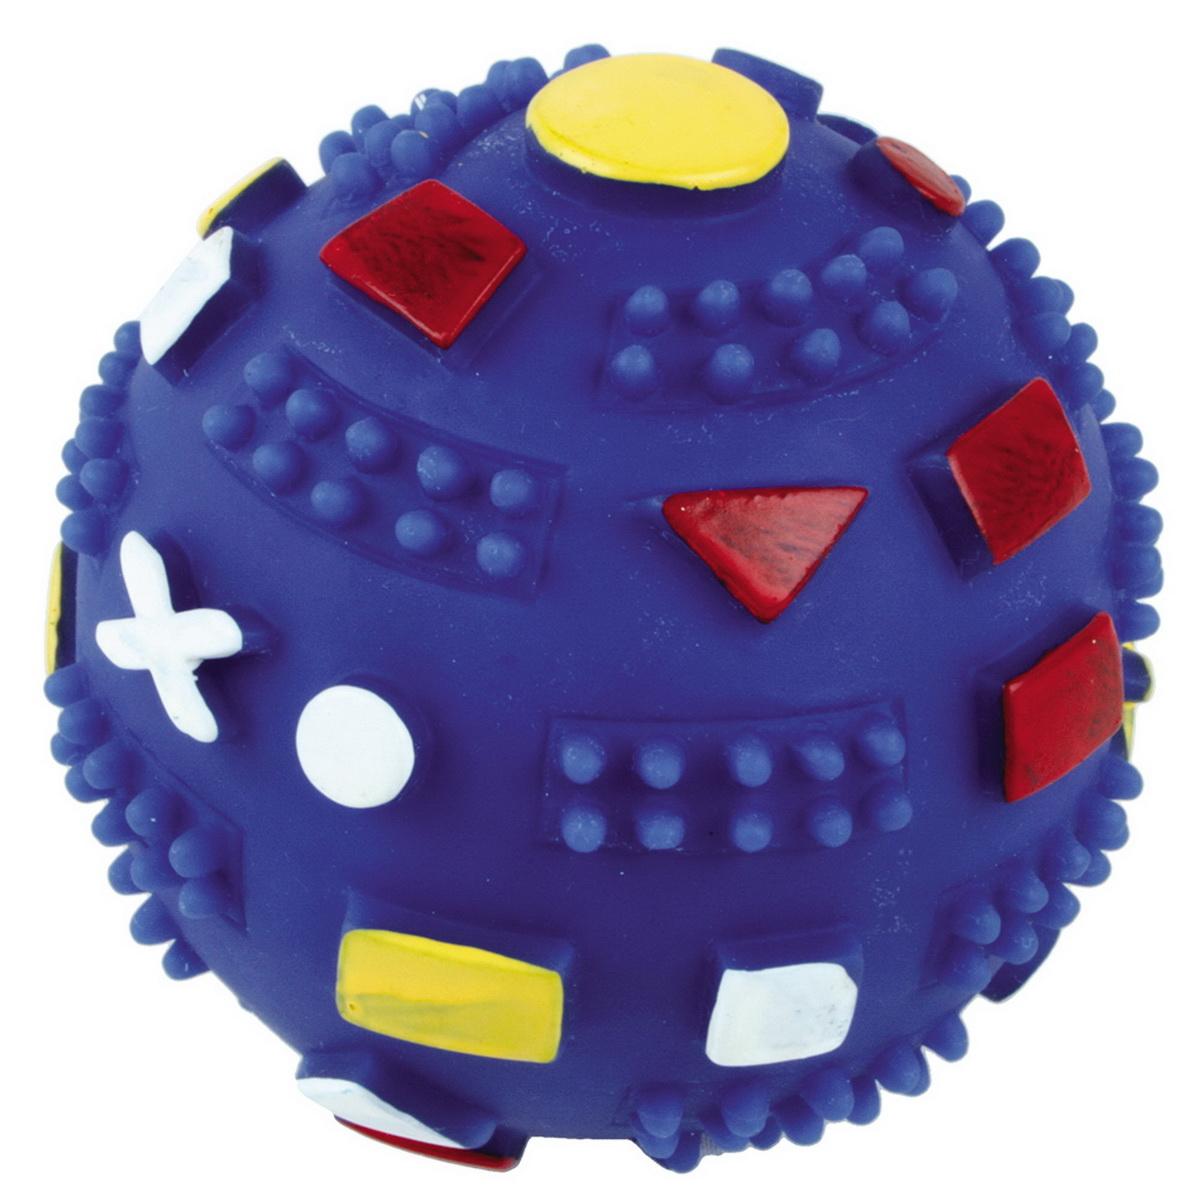 Игрушка для собак Dezzie Мяч. Фигуры, диаметр 7 см5604123Игрушка для собак Dezzie Мяч. Фигуры из винила практична, функциональна и совершенно безопасна для здоровья животного. Ее легко мыть и дезинфицировать. Такая игрушка очень легкая, поэтому собаке совсем нетрудно брать ее в пасть и переносить с места на место. Игрушка из винила станет прекрасным подарком для неугомонного четвероногого питомца.Диаметр мяча: 7 см.